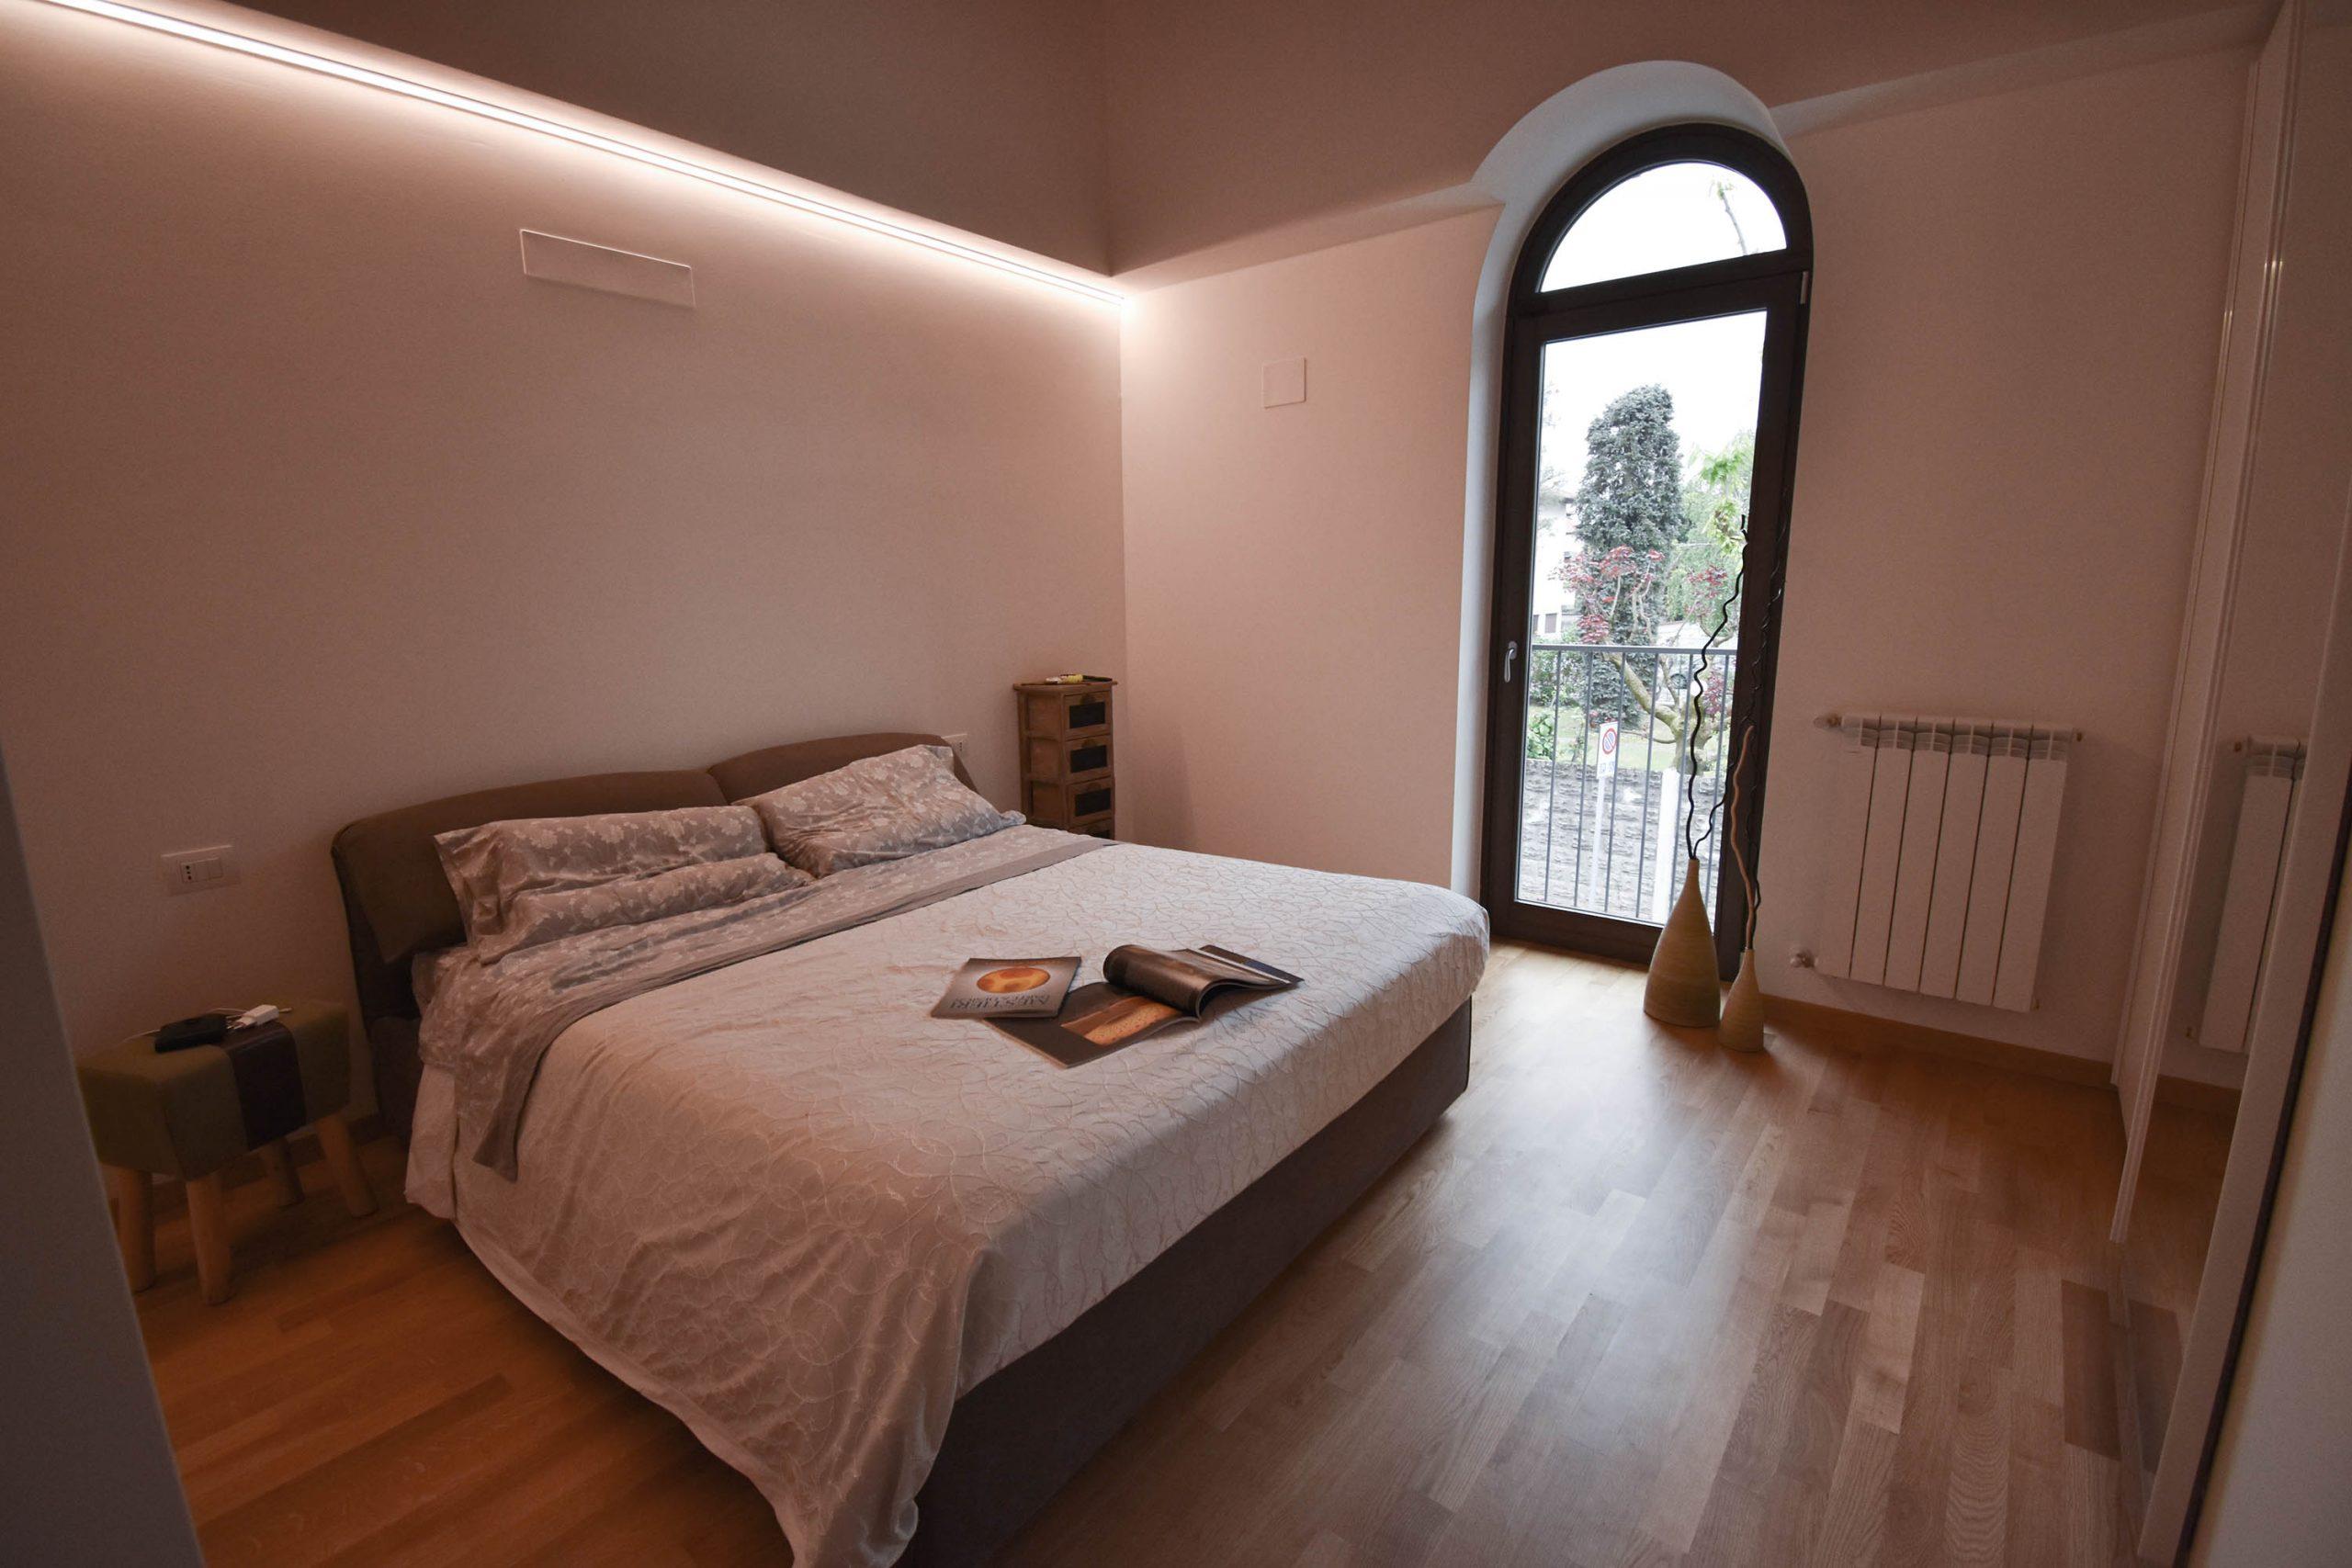 casa EM scandivano stile interior design (14)